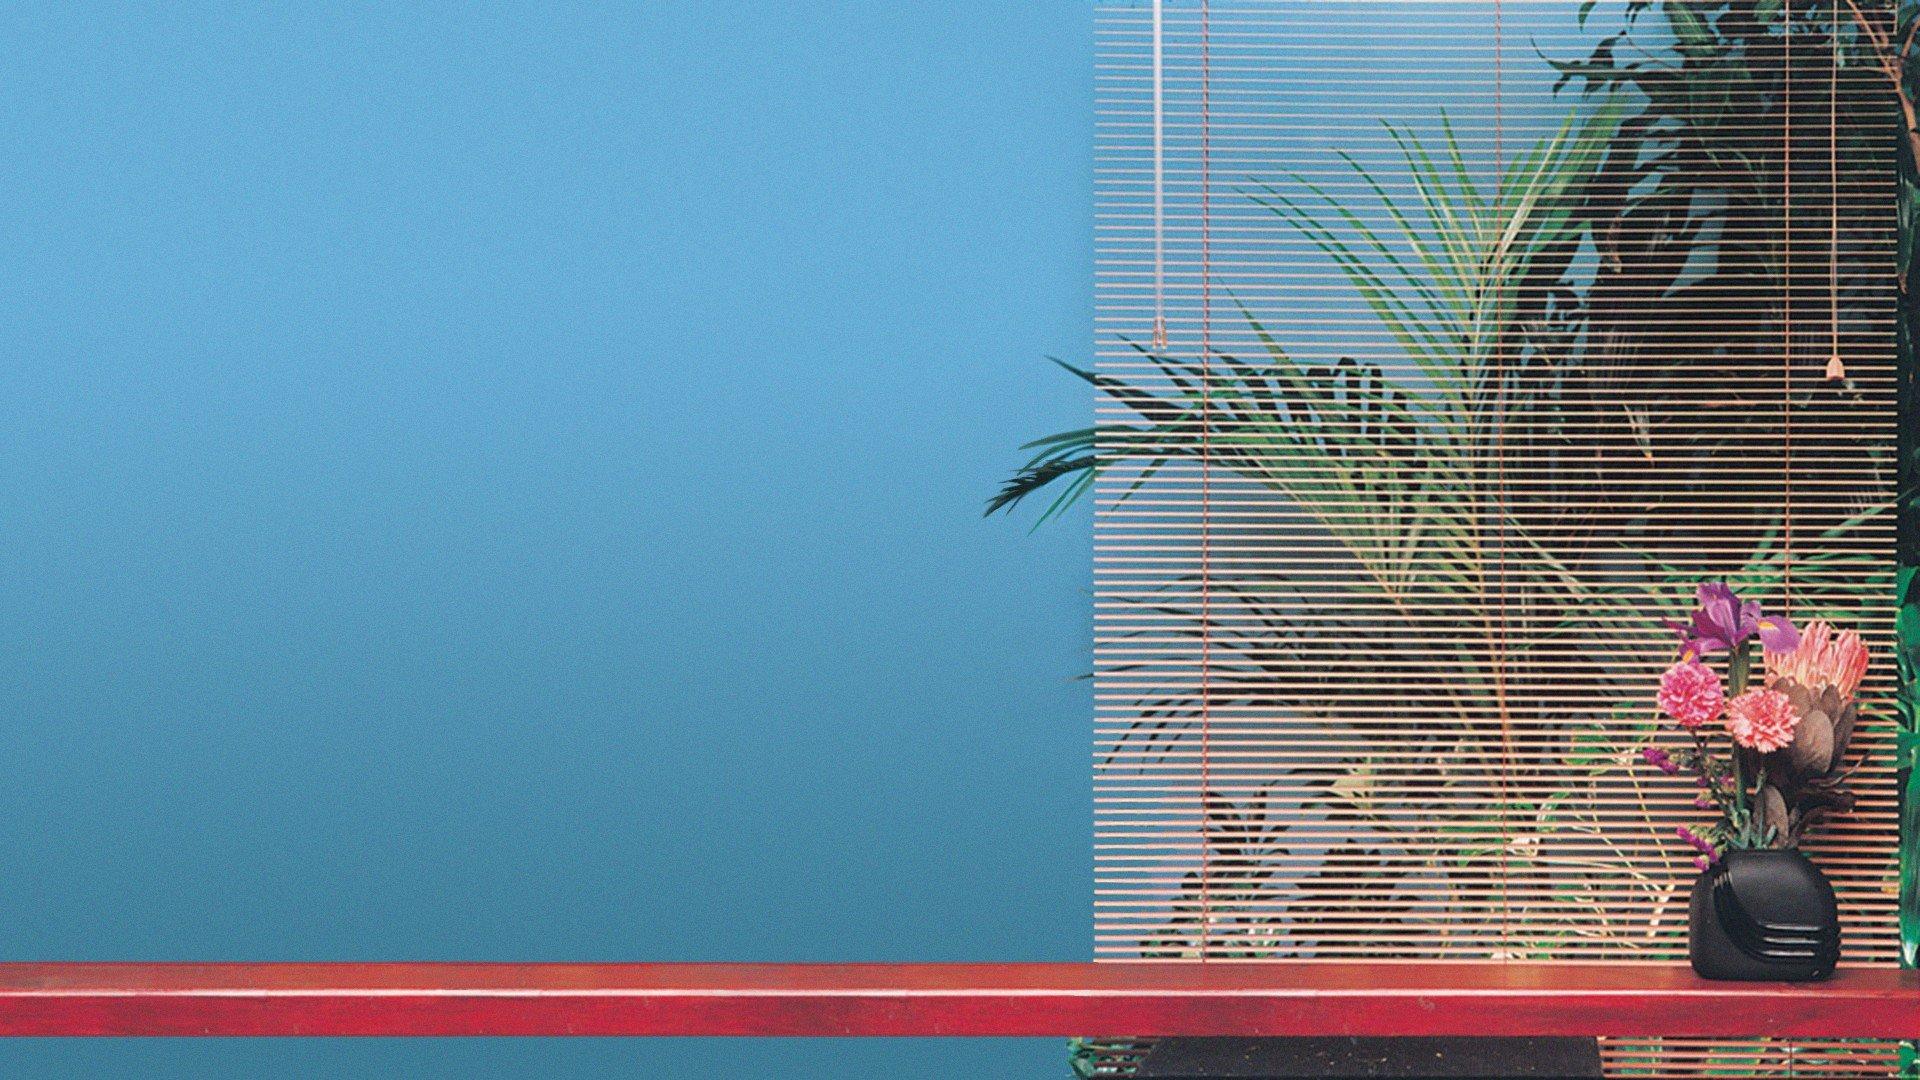 1920x1080 aesthetic wallpaper: Wallpaper : 1920x1080 Px, Aesthetic, Vaporwave 1920x1080